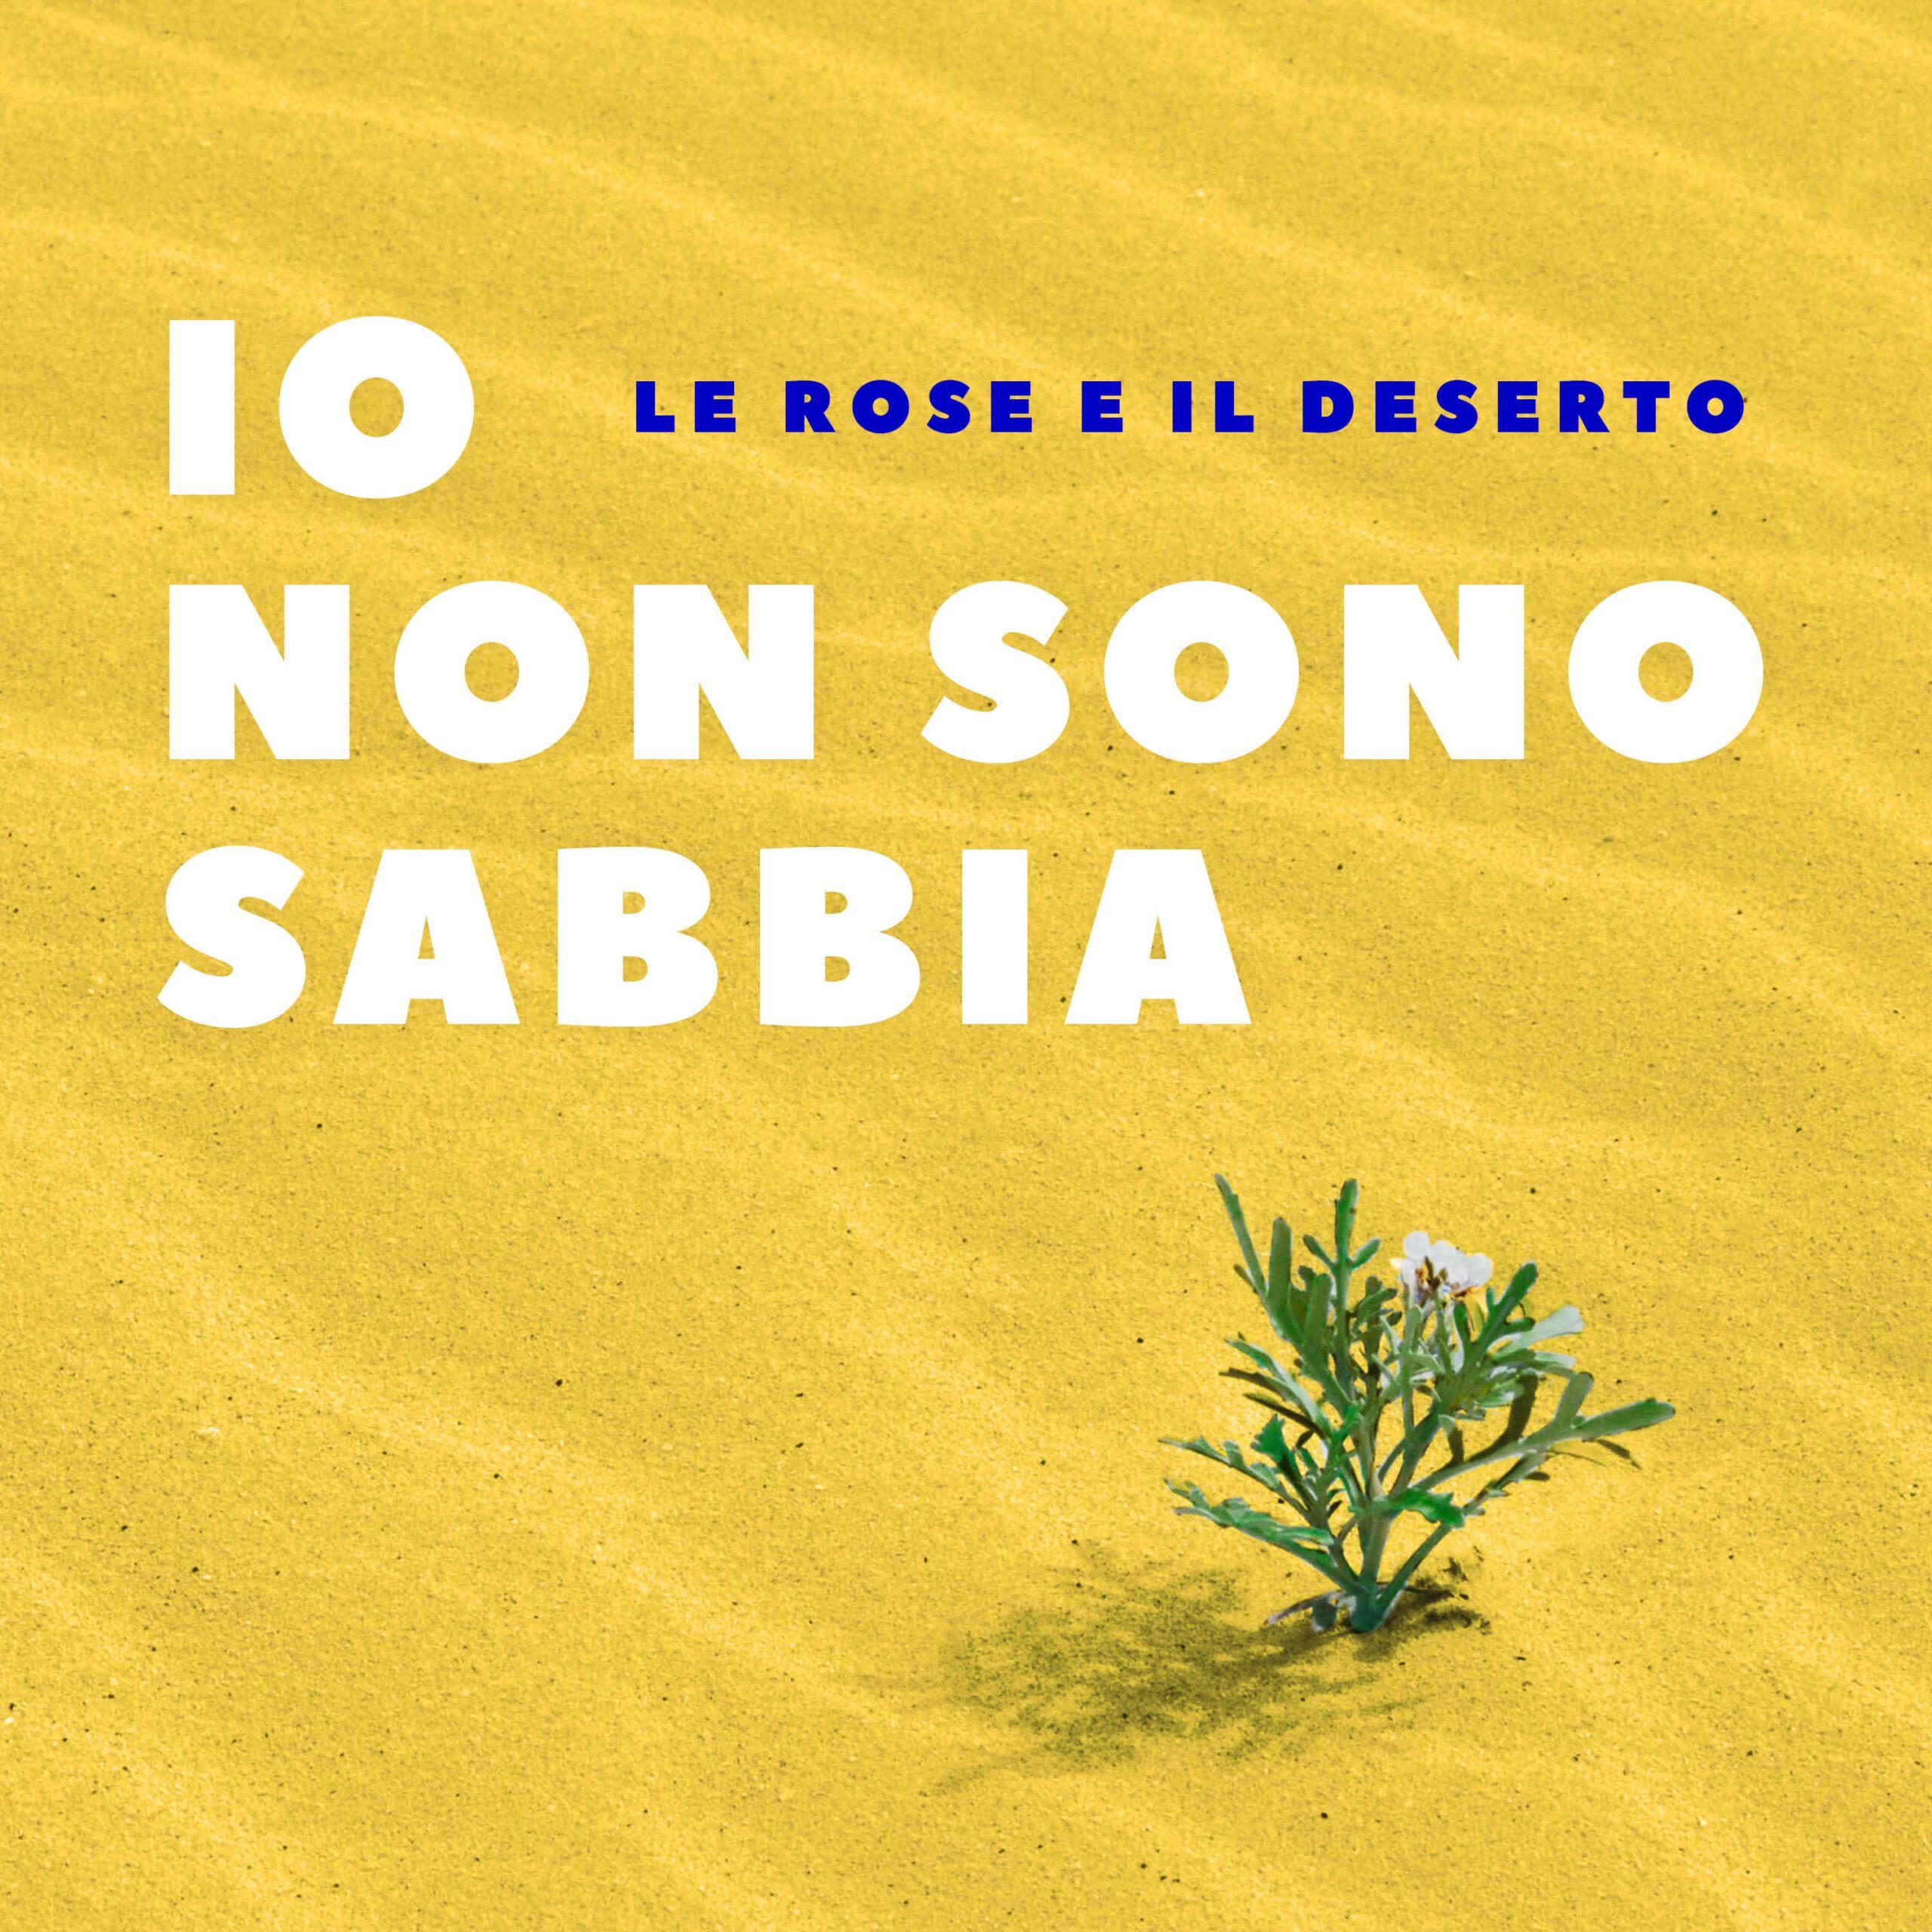 LE ROSE E IL DESERTO - Io non sono sabbia